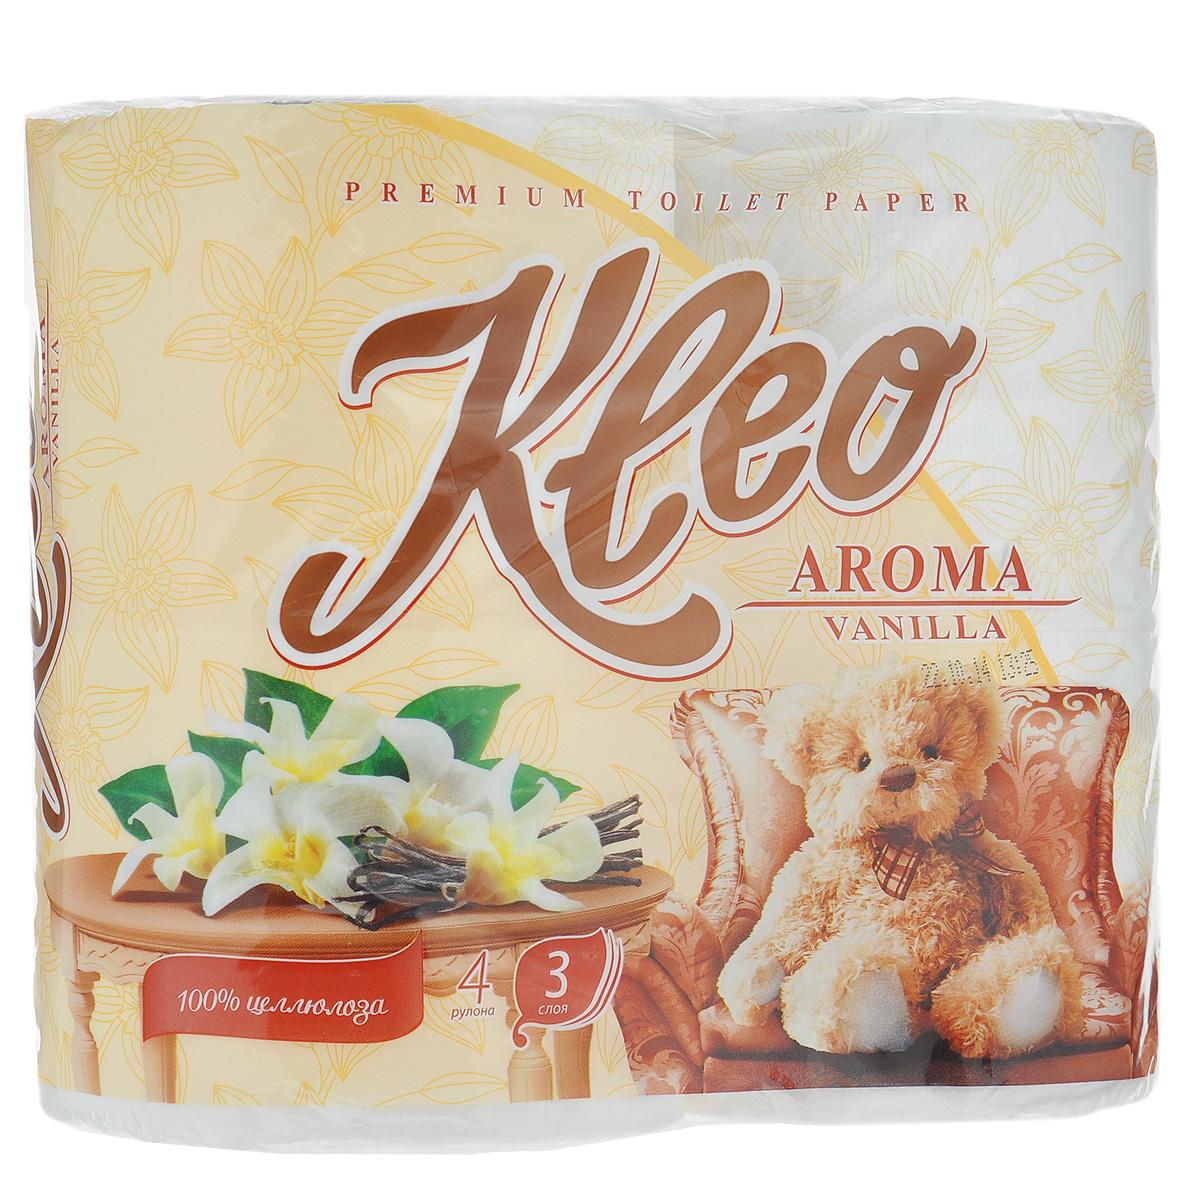 Туалетная бумага Kleo Aroma. Vanilla, трехслойная, цвет: белый, 4 рулонаC87Туалетная бумага Kleo Aroma. Vanilla, выполненная из натуральной целлюлозы, обеспечивает превосходный комфорт и ощущение чистоты и свежести. Имеет нежный аромат ванили. Необыкновенно мягкая, но в тоже время прочная, бумага не расслаивается и отрывается строго по линии перфорации. Трехслойные листы имеют рисунок с перфорацией.Количество листов: 168 шт. Количество слоев: 3. Размер листа: 12,5 см х 9,6 см. Состав: 100% целлюлоза, ароматизатор.